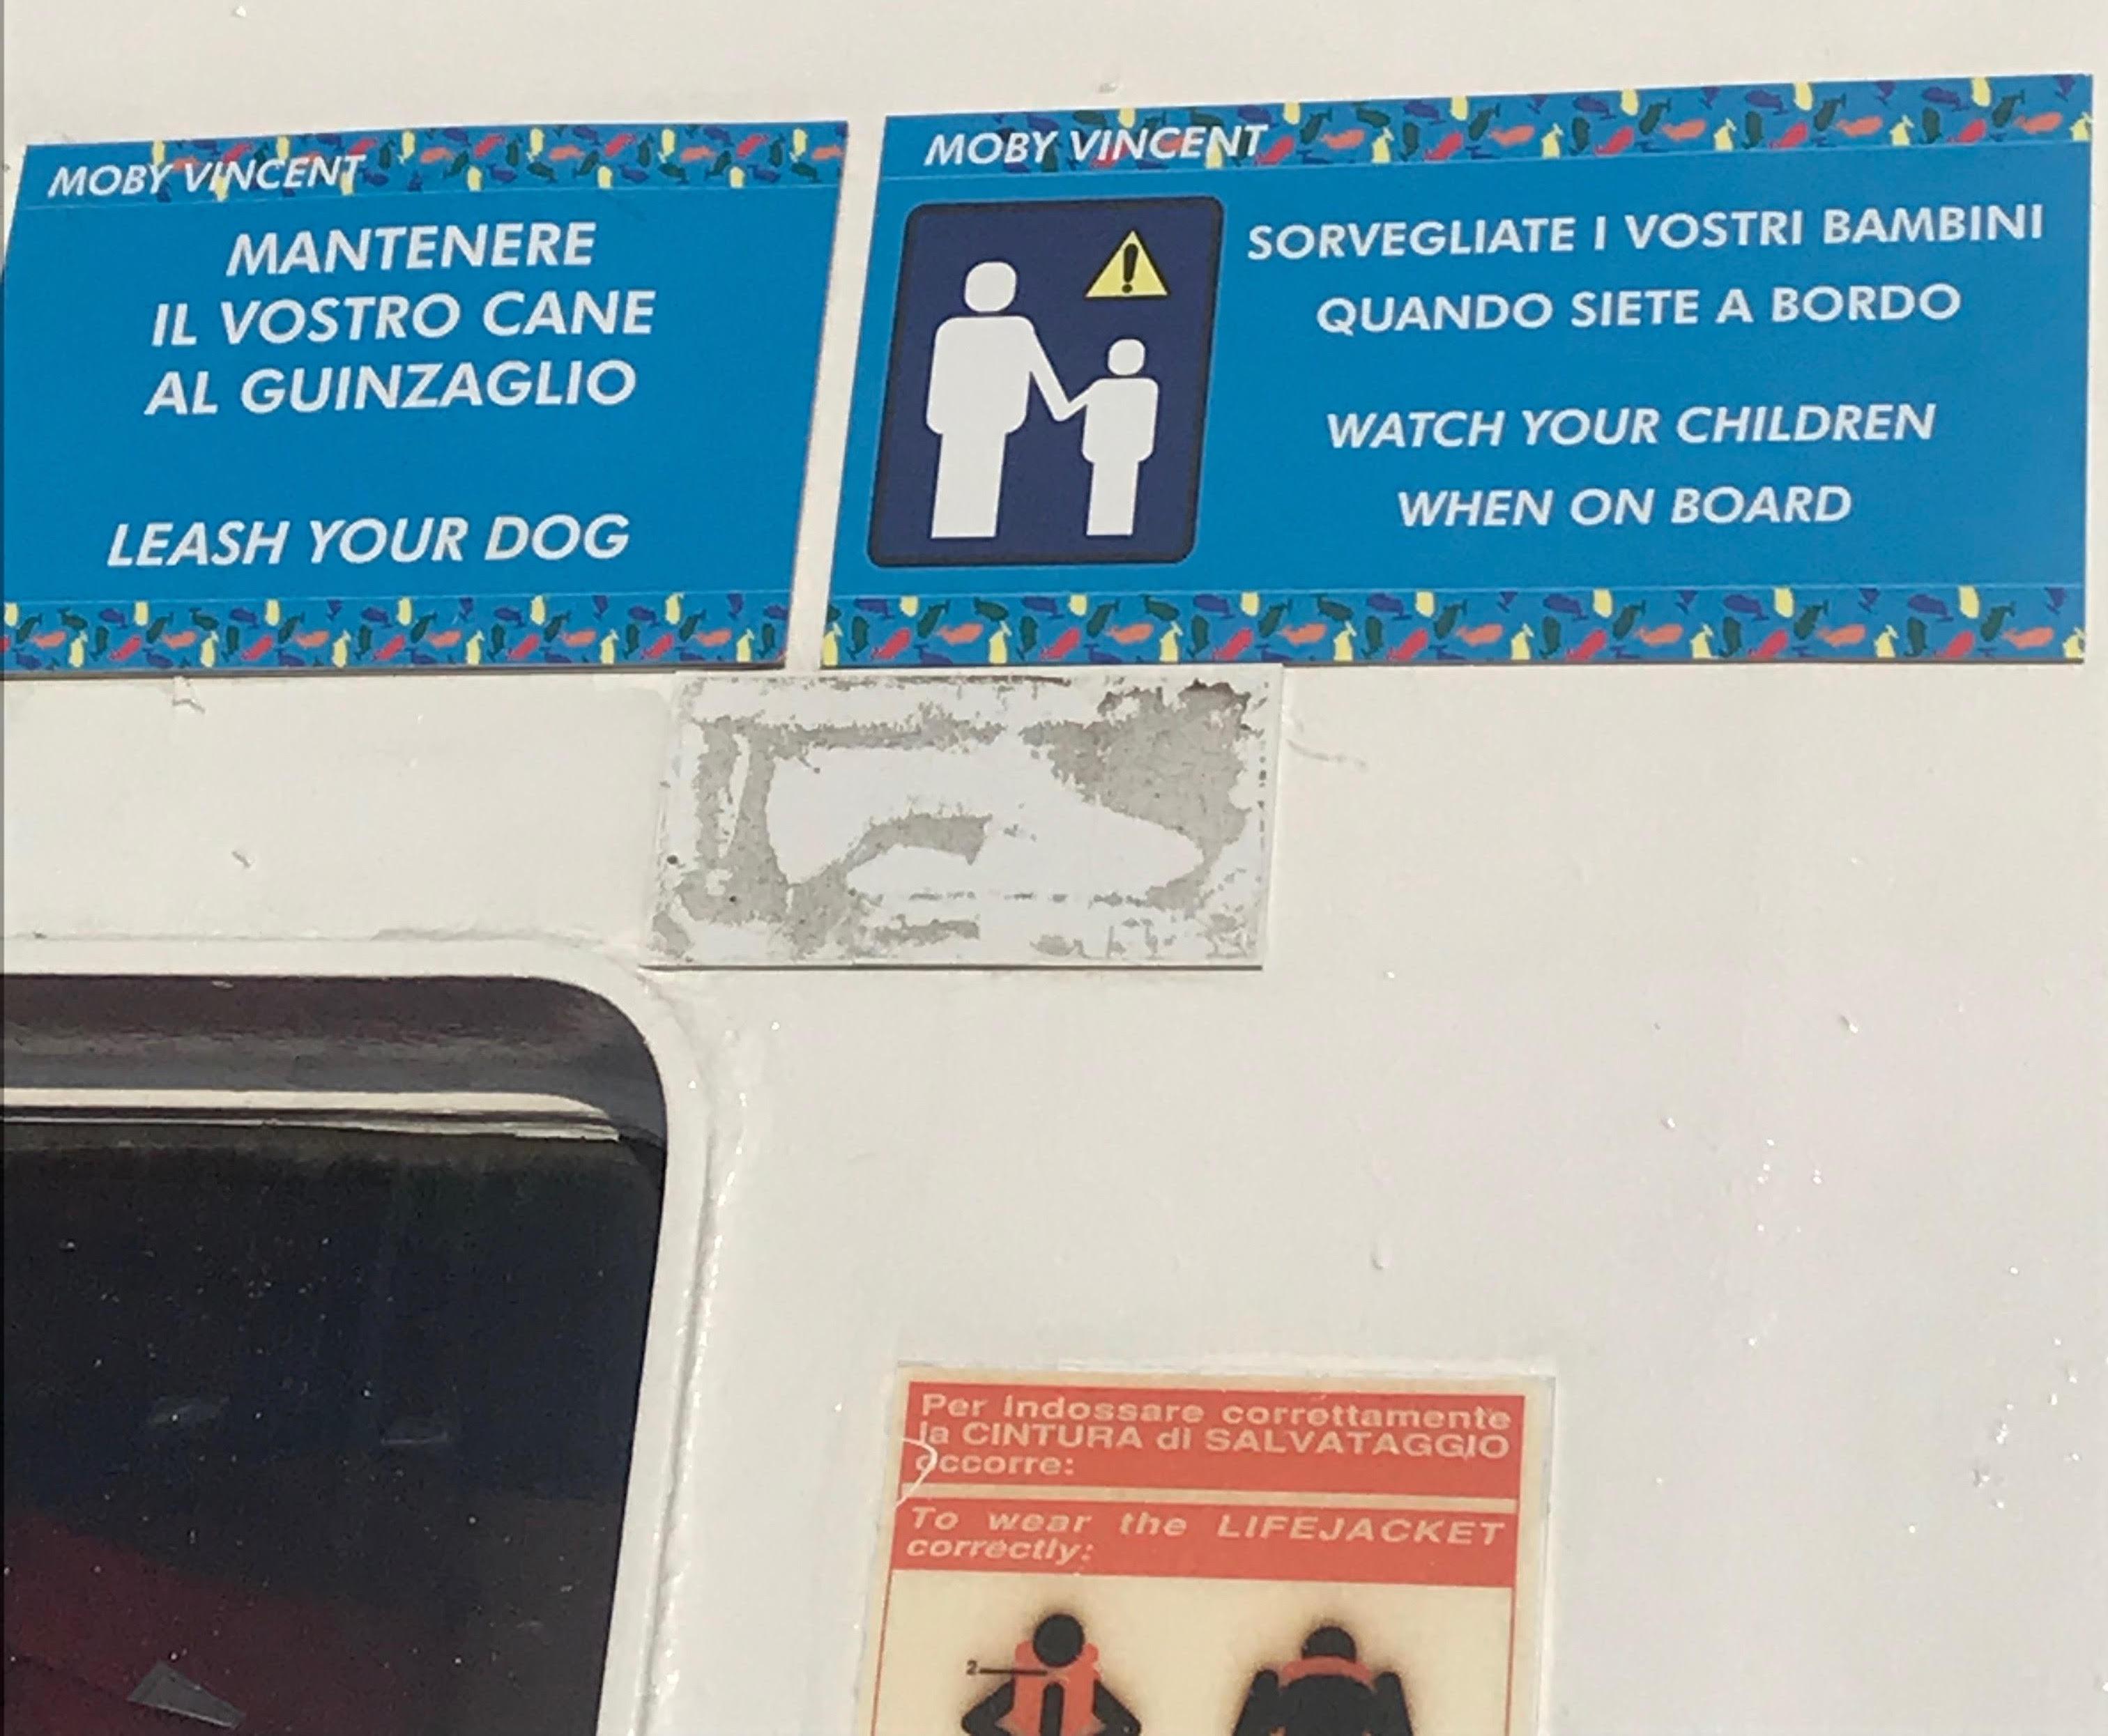 Istruzioni per cani e bambini su una nave da crociera